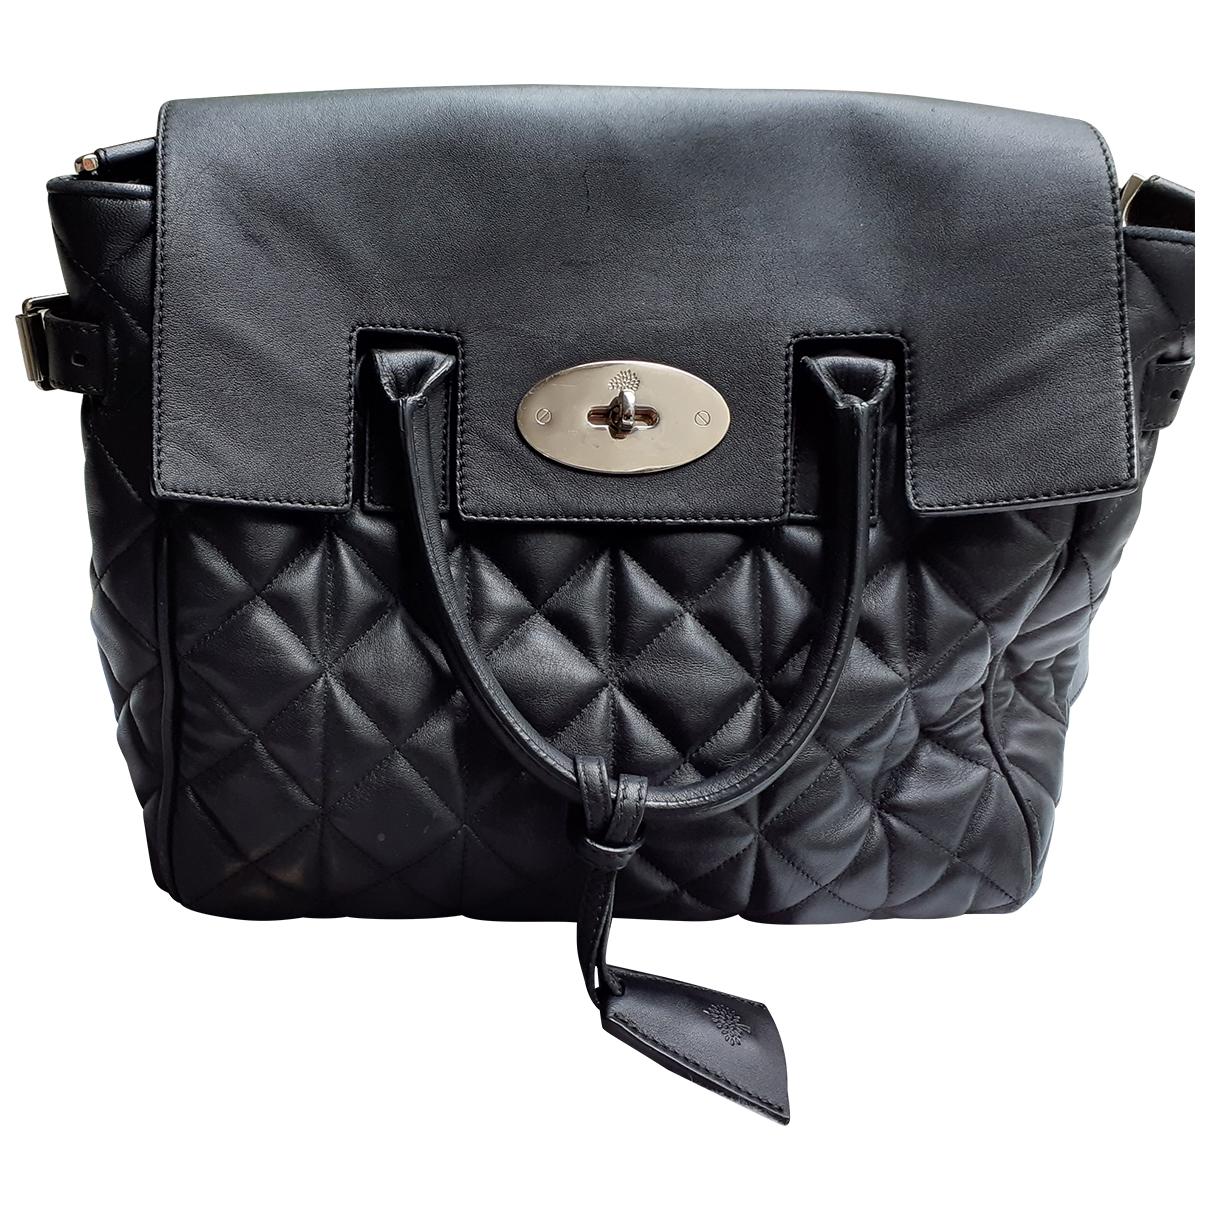 Mulberry - Sac a dos Cara Delevigne pour femme en cuir - noir